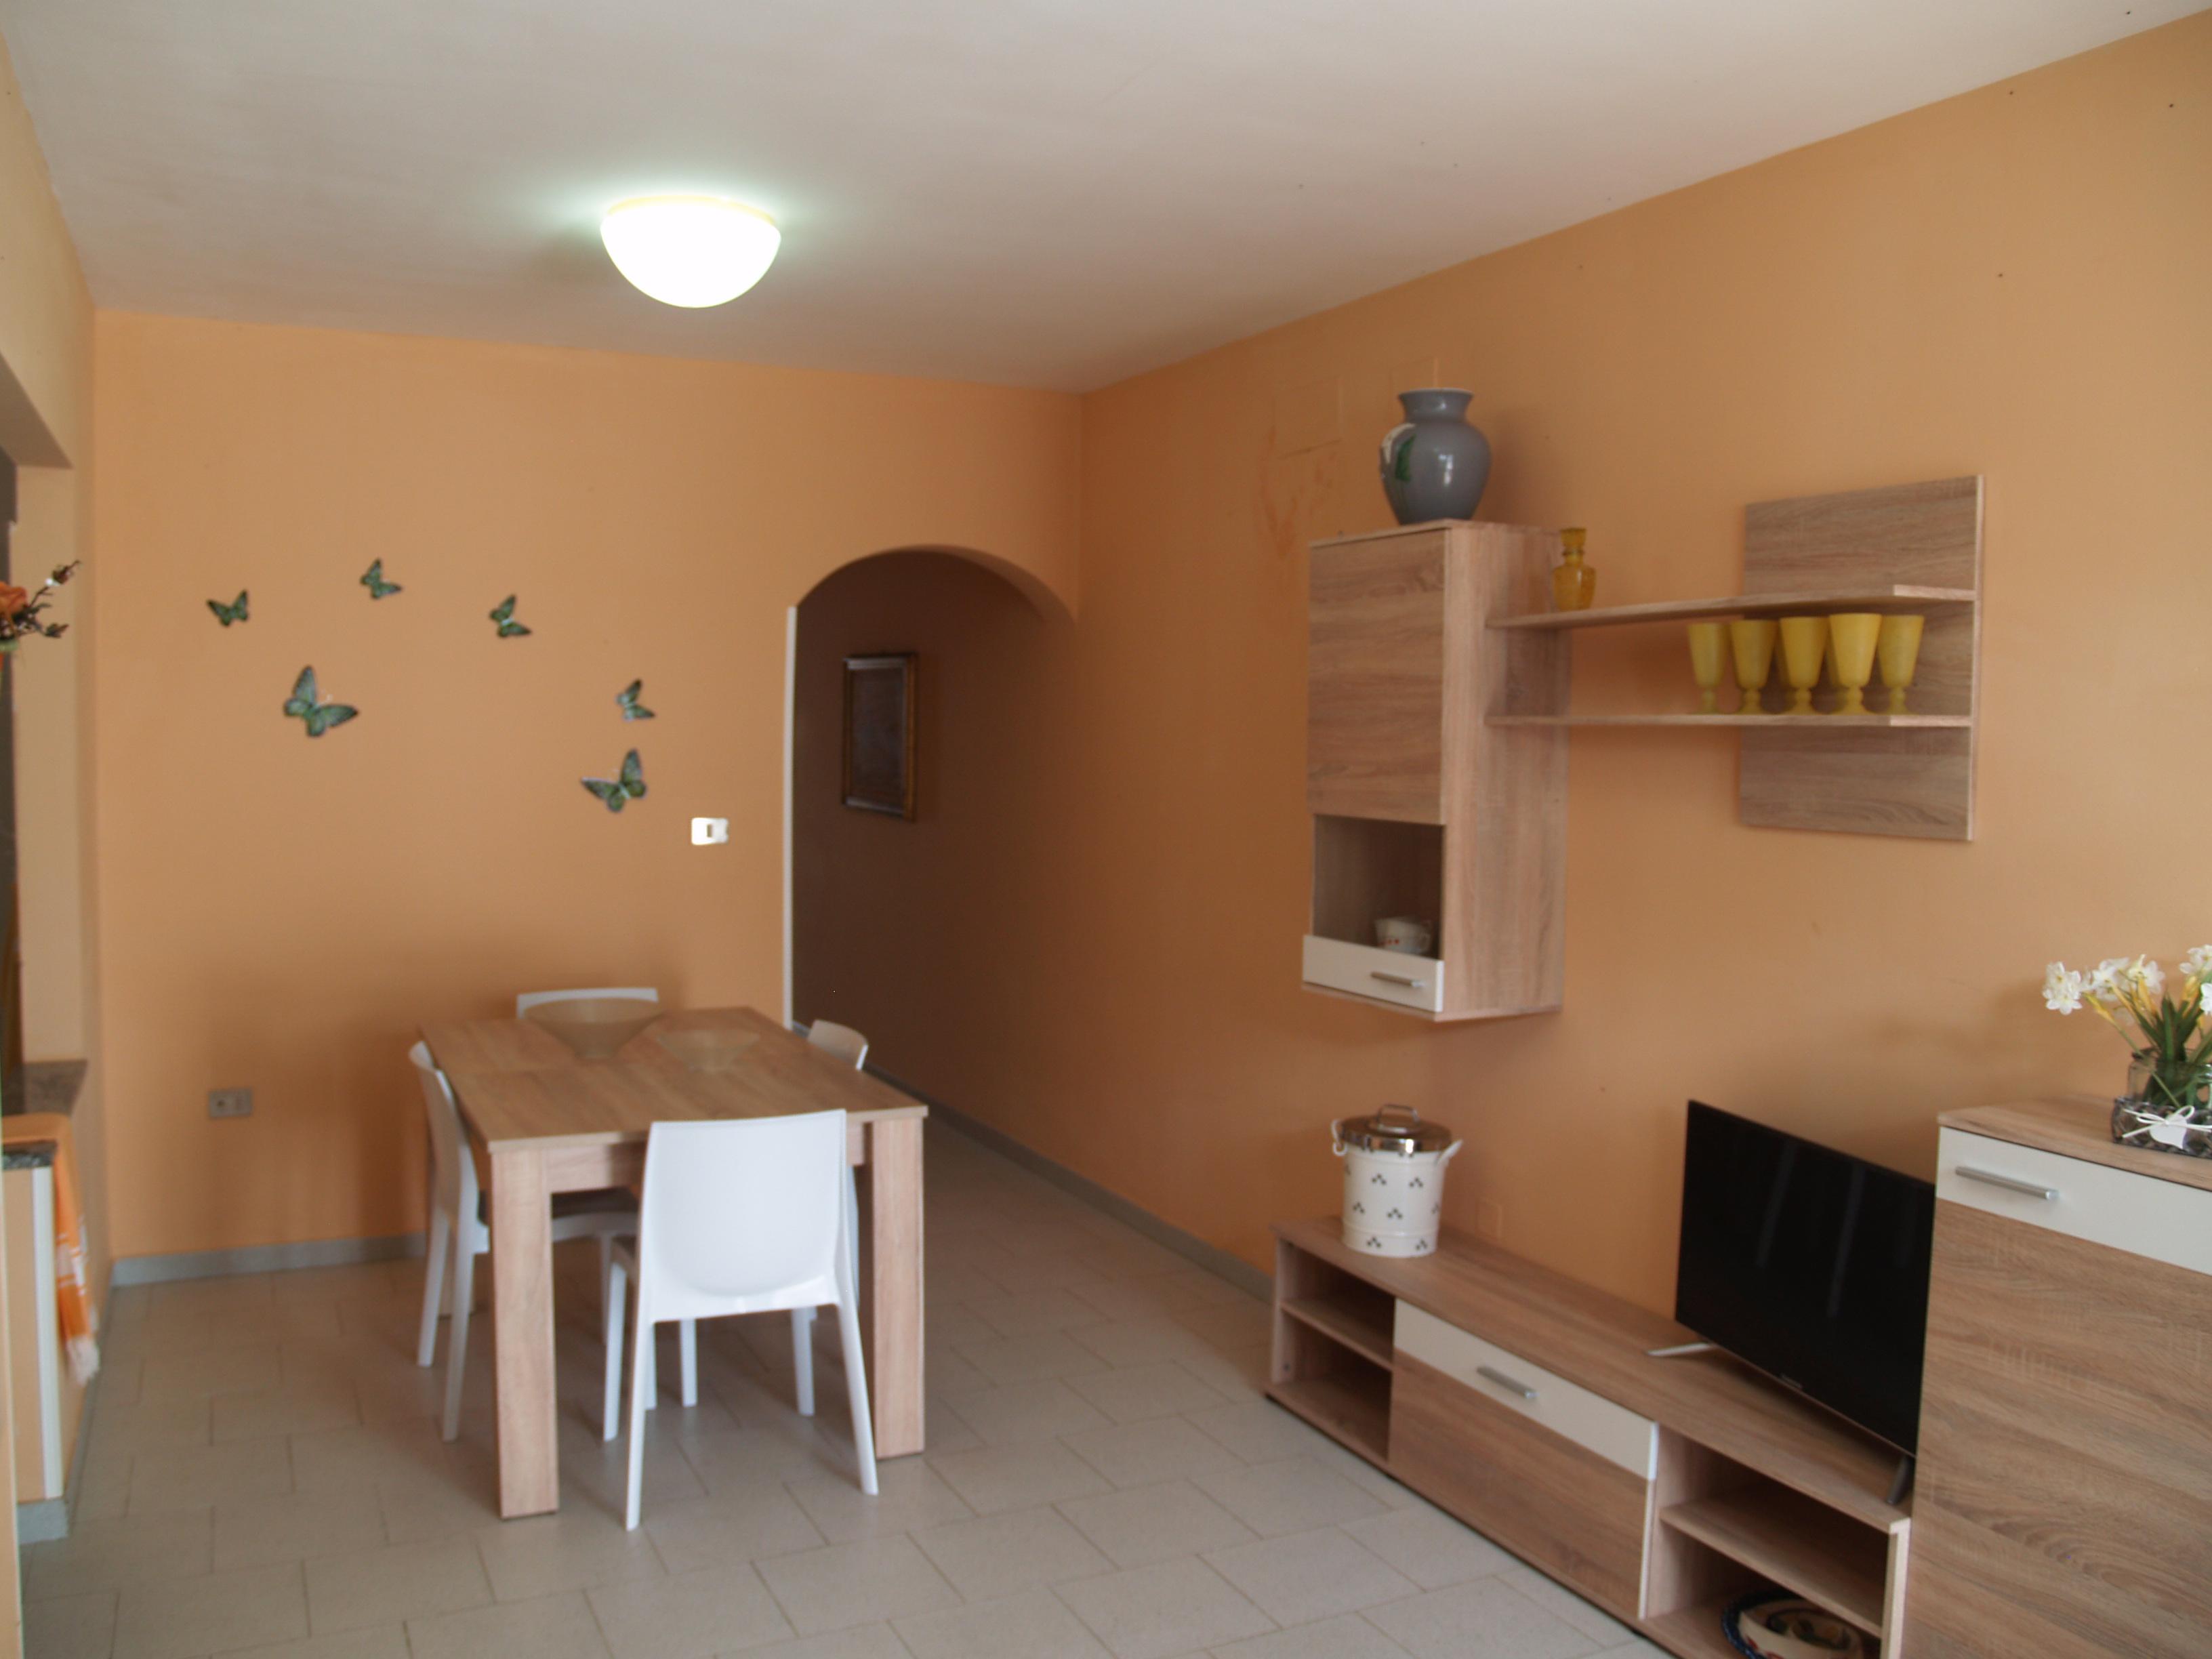 Casa vacanza torre pali piano terra turismo dancardi for Piani casa vacanza